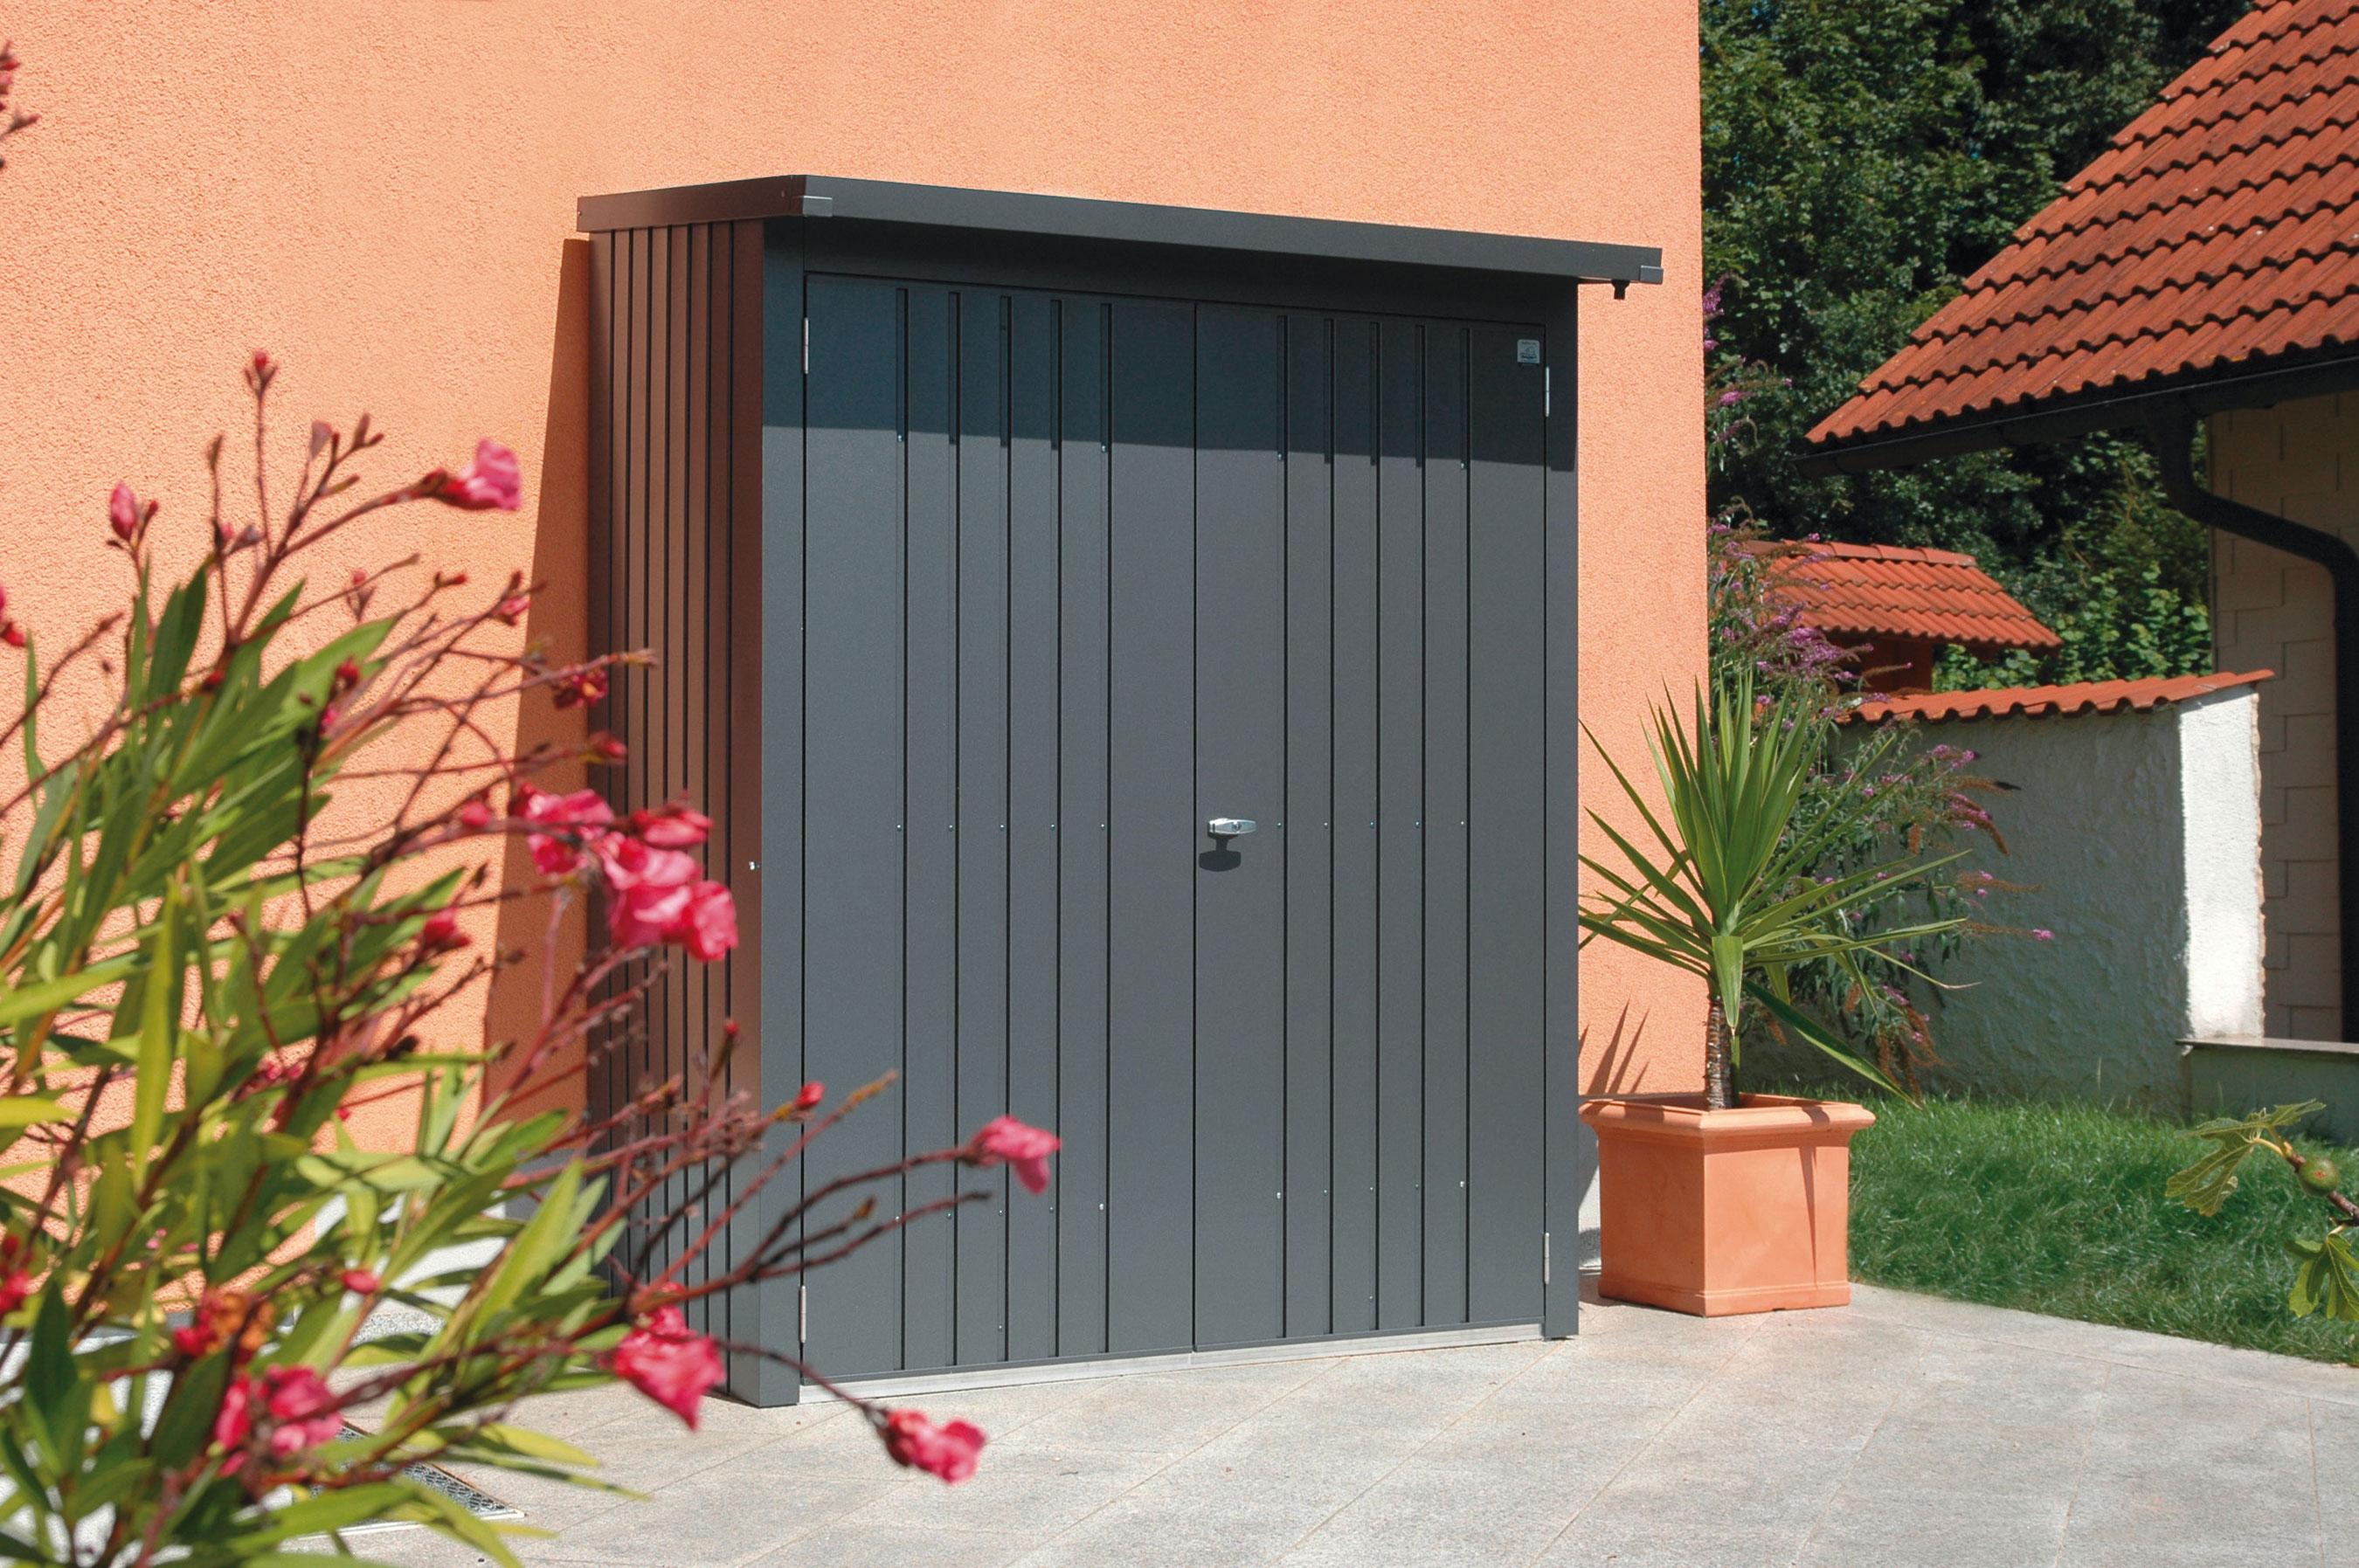 kaminholzregal ger teschrank biohort woodstock. Black Bedroom Furniture Sets. Home Design Ideas